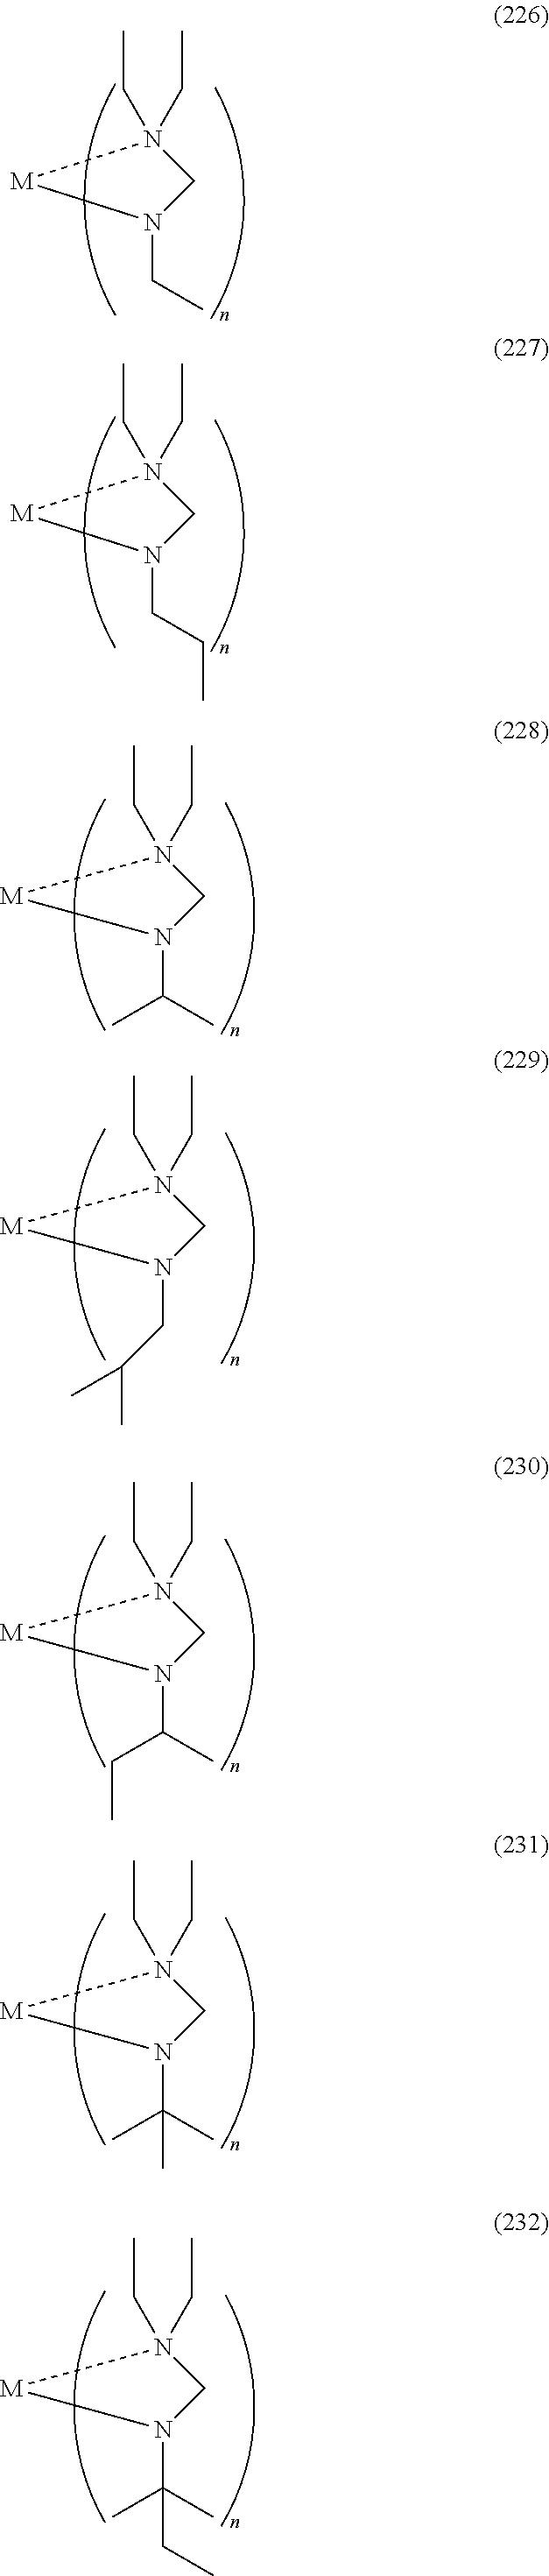 Figure US08871304-20141028-C00047